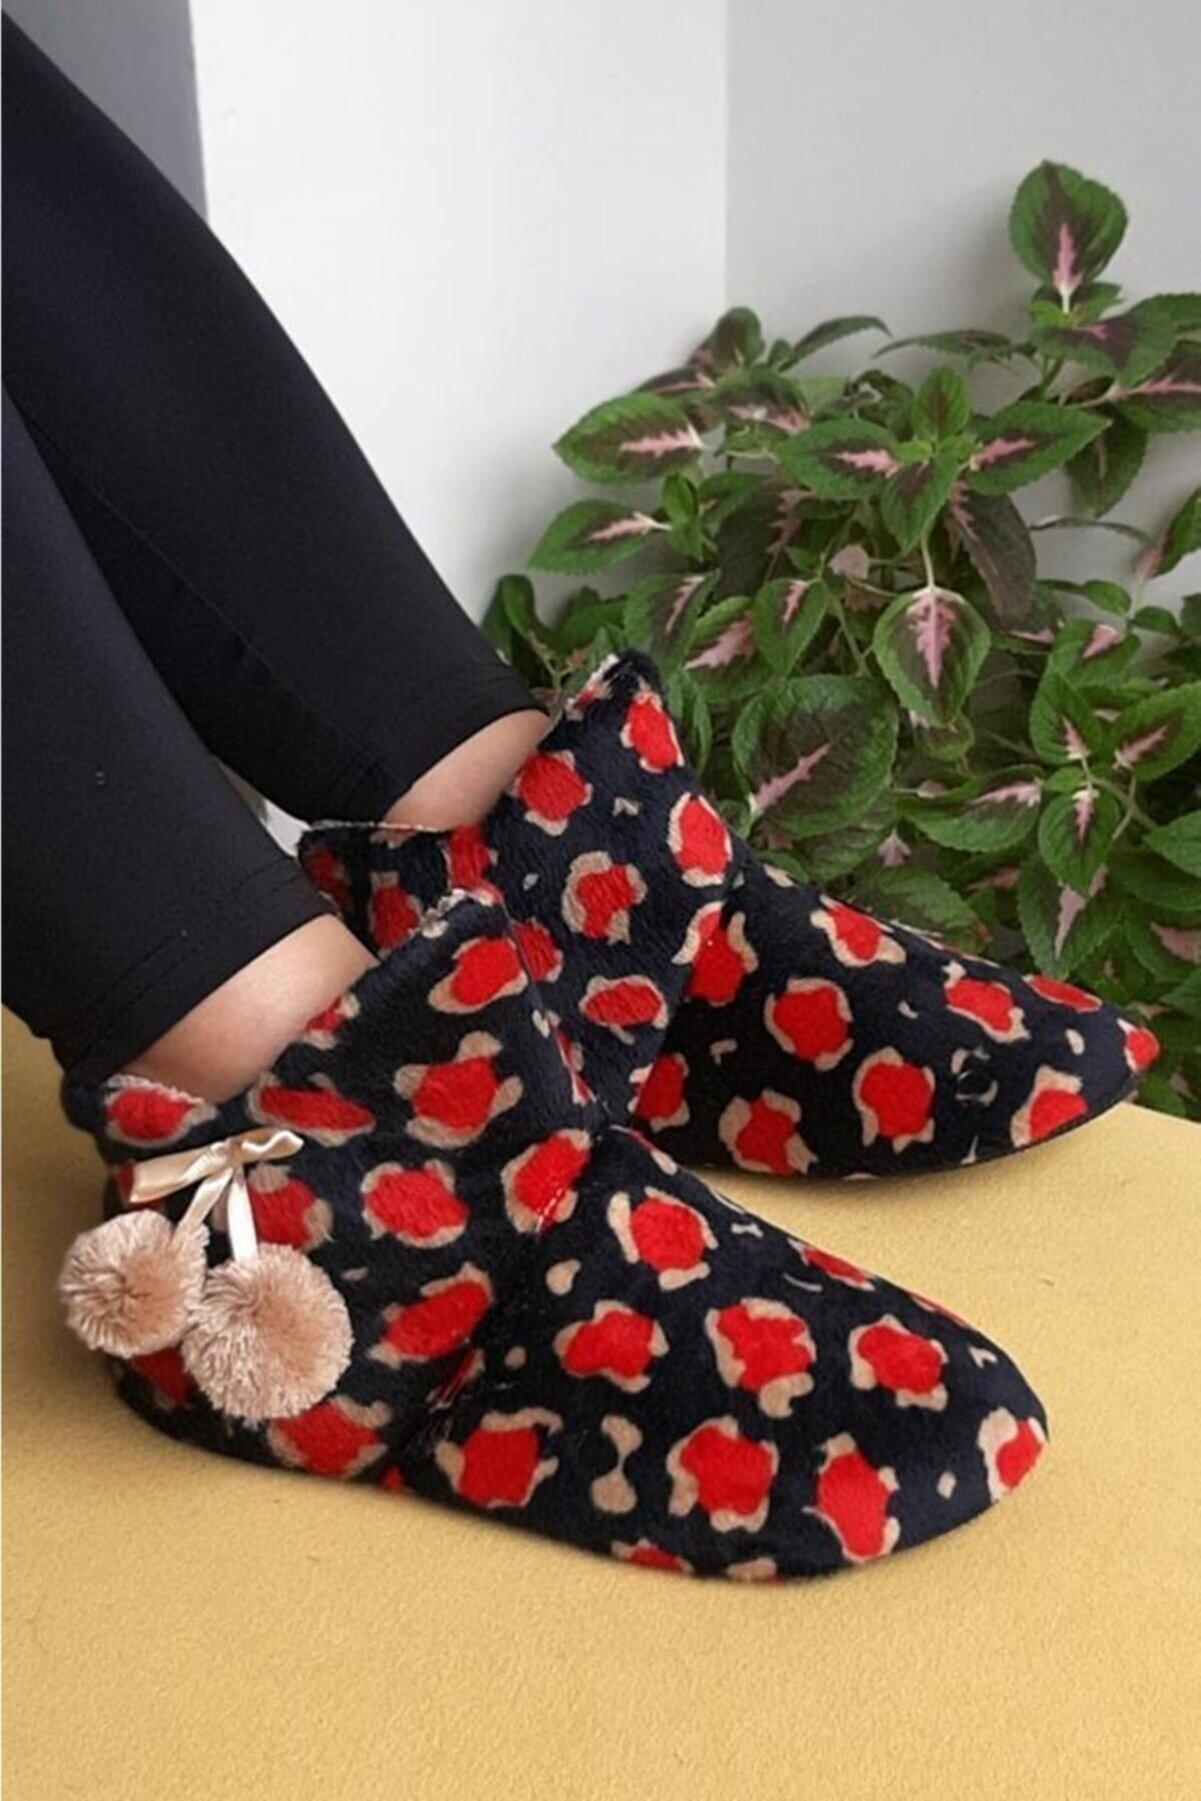 Moda Frato Uc-alaca Kadın Panduf Ev Ayakkabısı Ev Botu